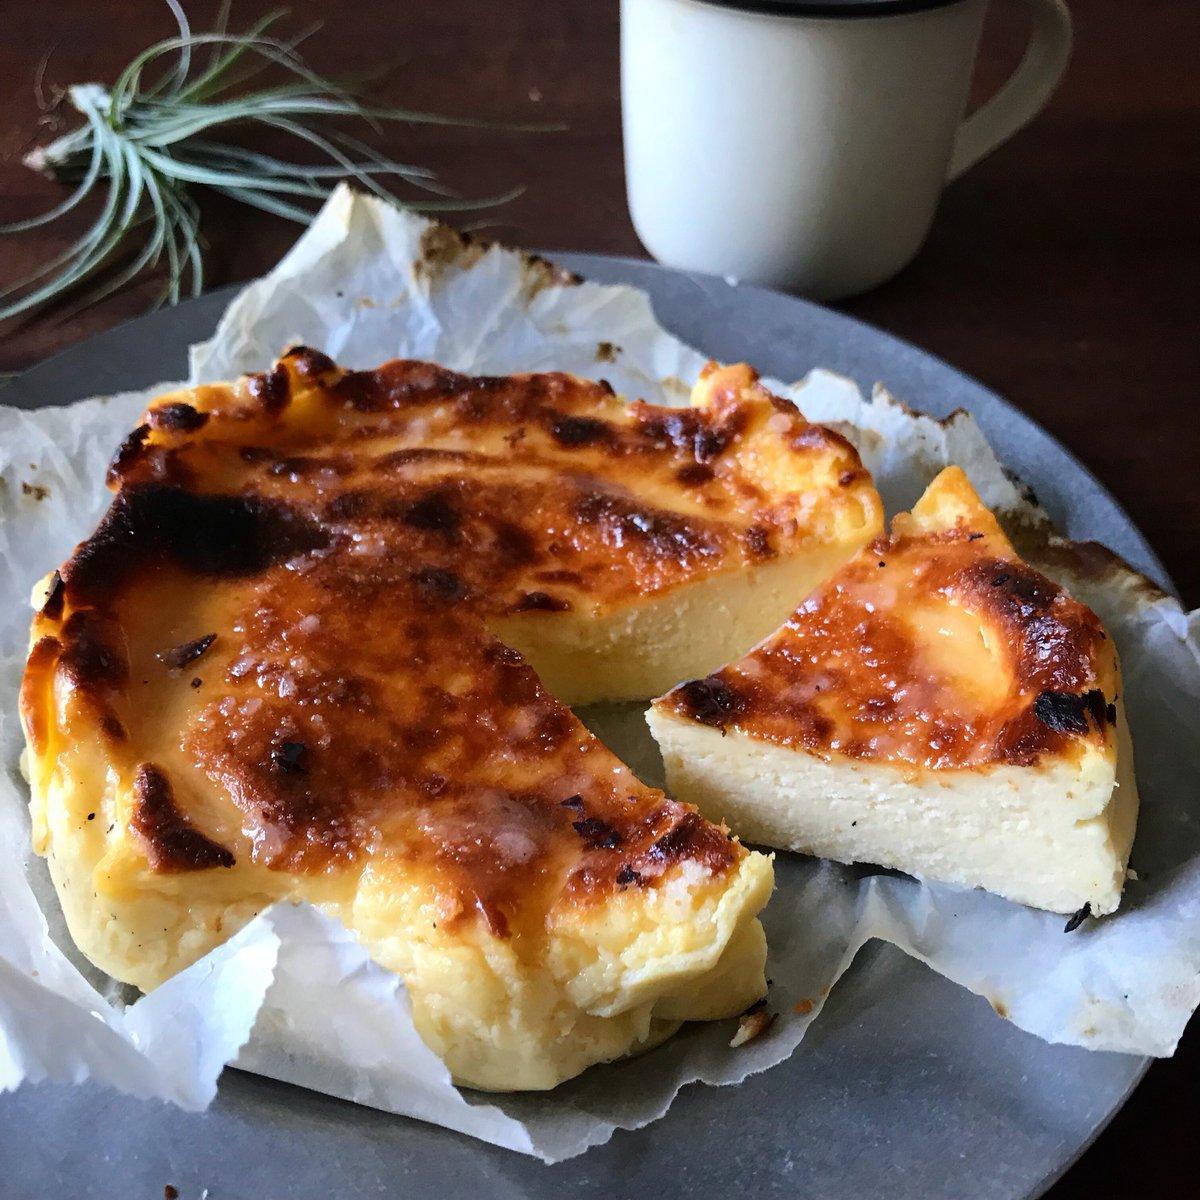 【レンジ&トースターでバスク風チーズケーキ】チーズケーキ好きの方に伝わったら嬉しいです!